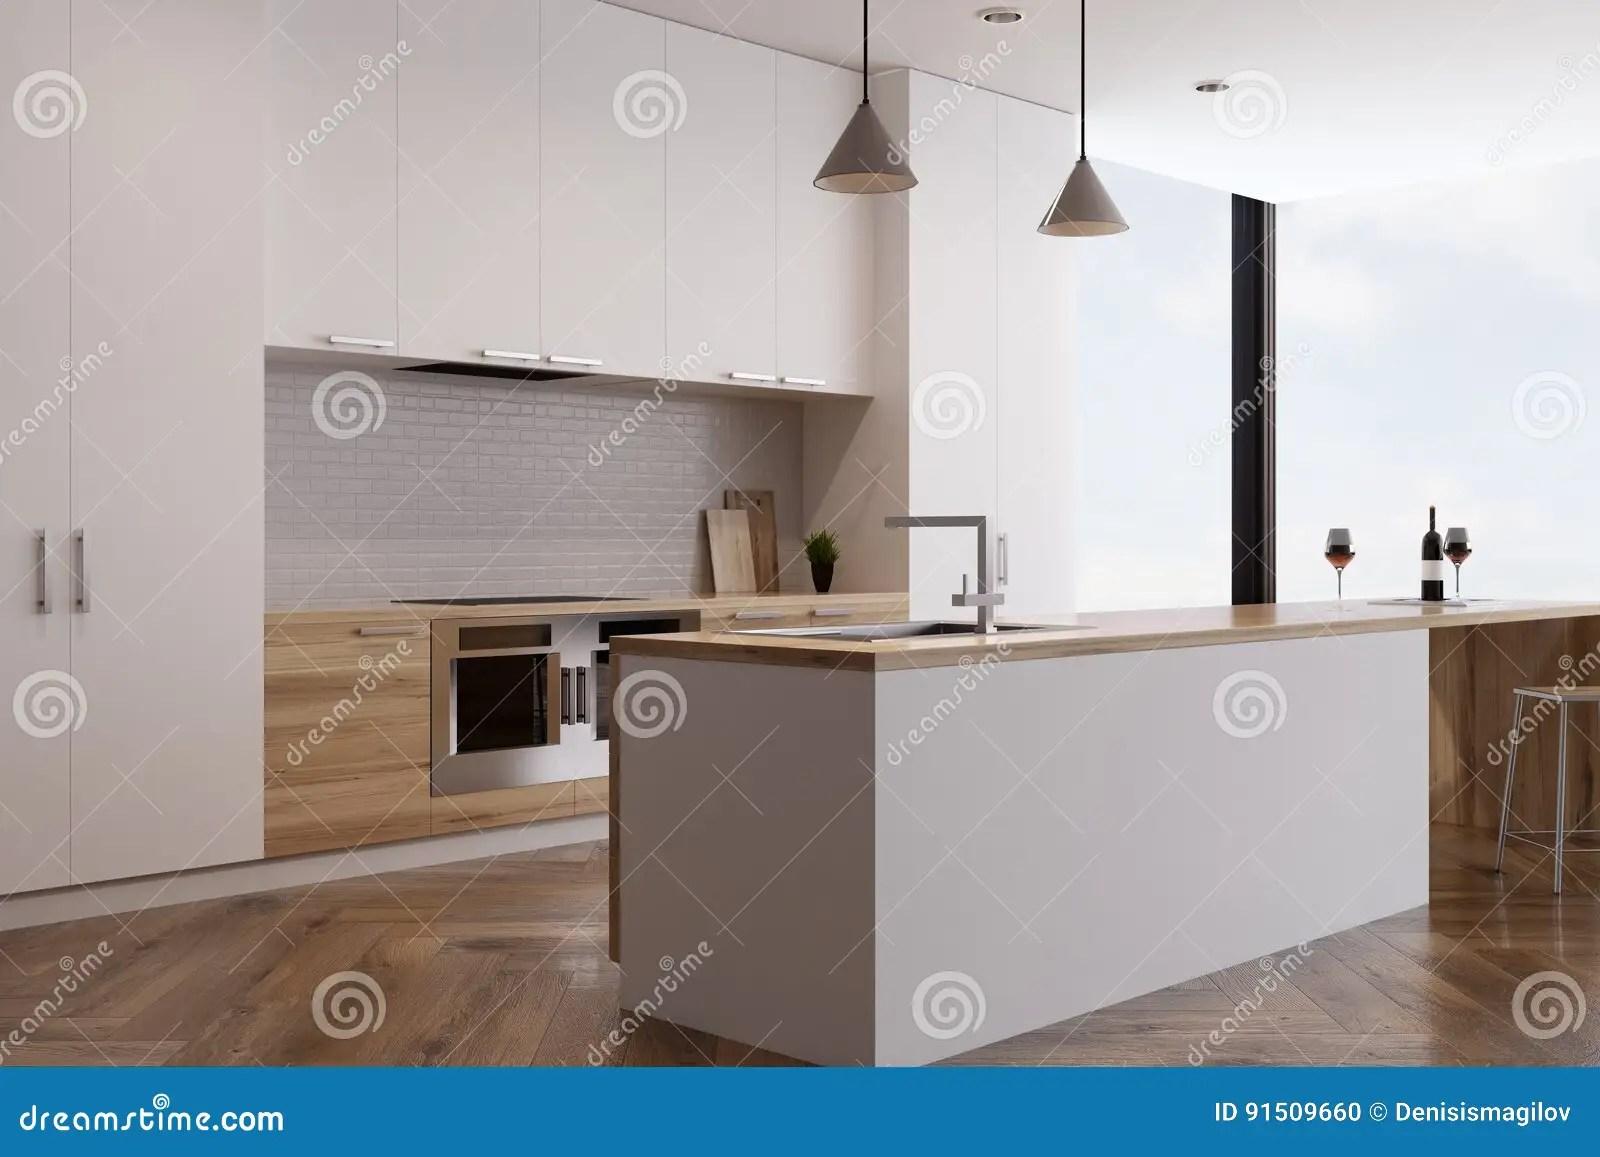 kitchen ovens flush lighting 有两个烤箱和酒吧的厨房库存例证 插画包括有烹调 出票人 背包 里面 厨房内部的侧视图与在轻的木工作台面和酒吧制作的两个烤箱的全景窗口在背景中3d翻译 嘲笑